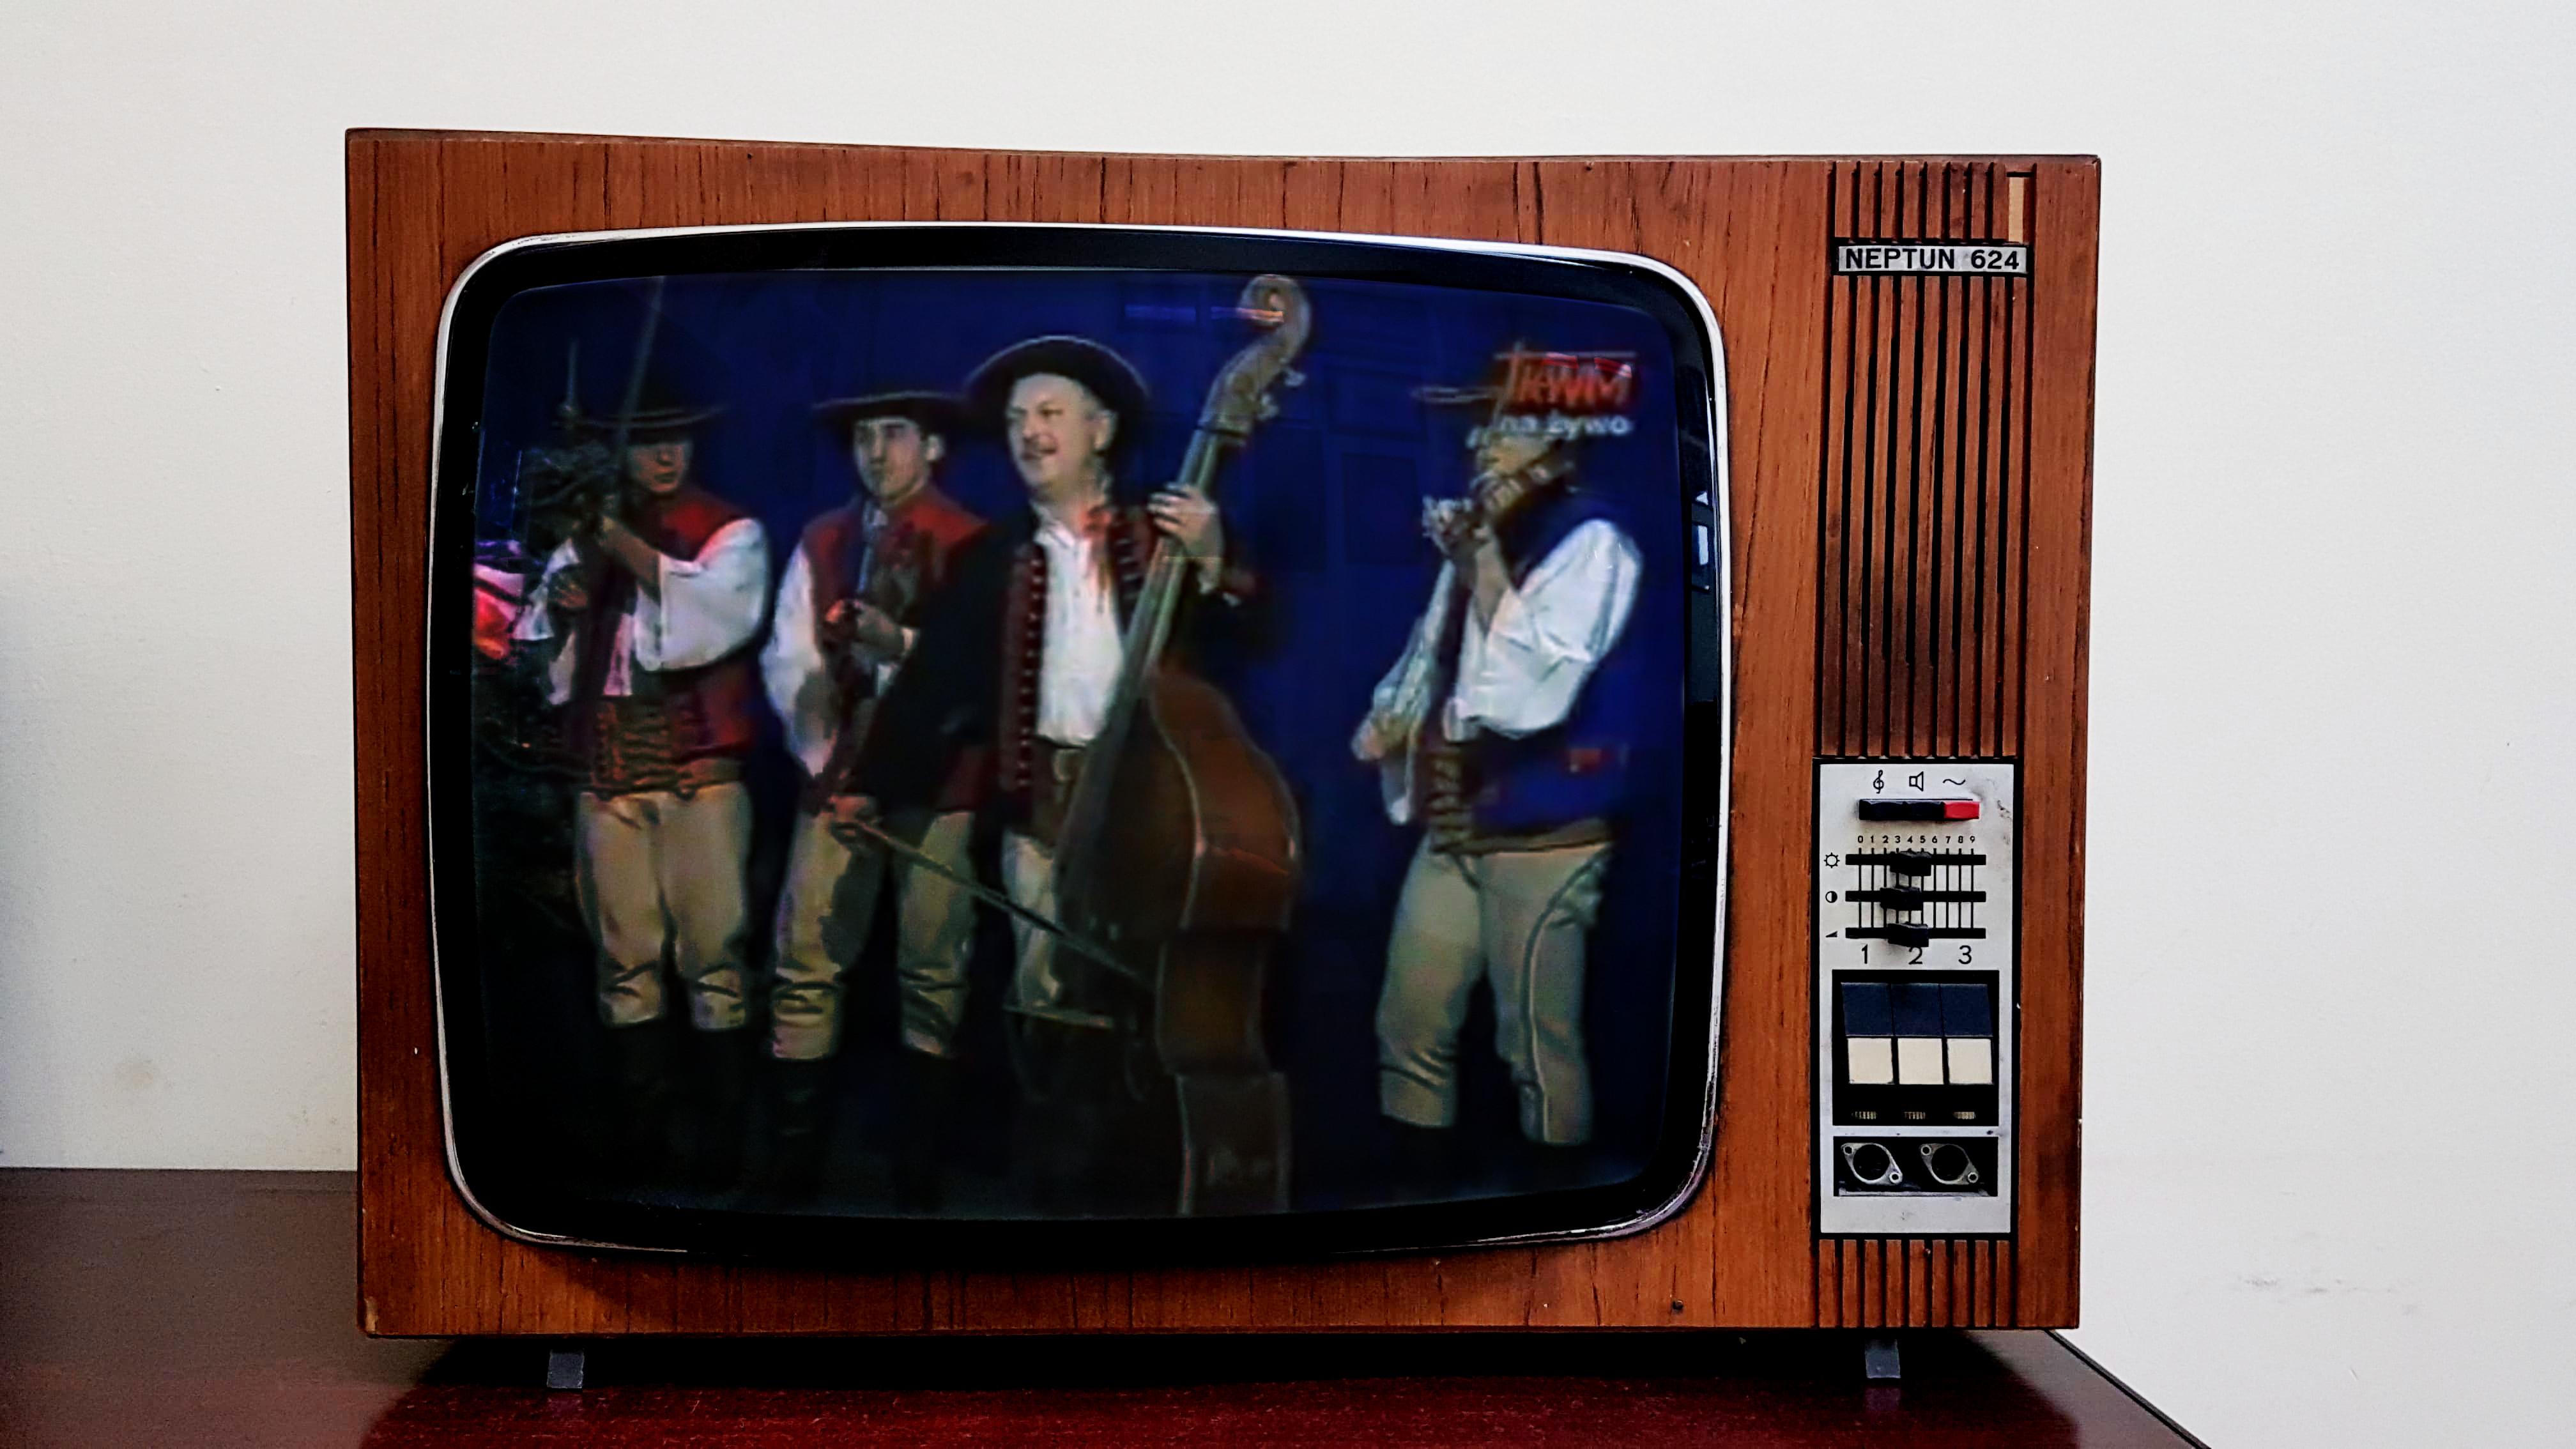 Historia imprez na starych taśmach – programy świąteczne w TV